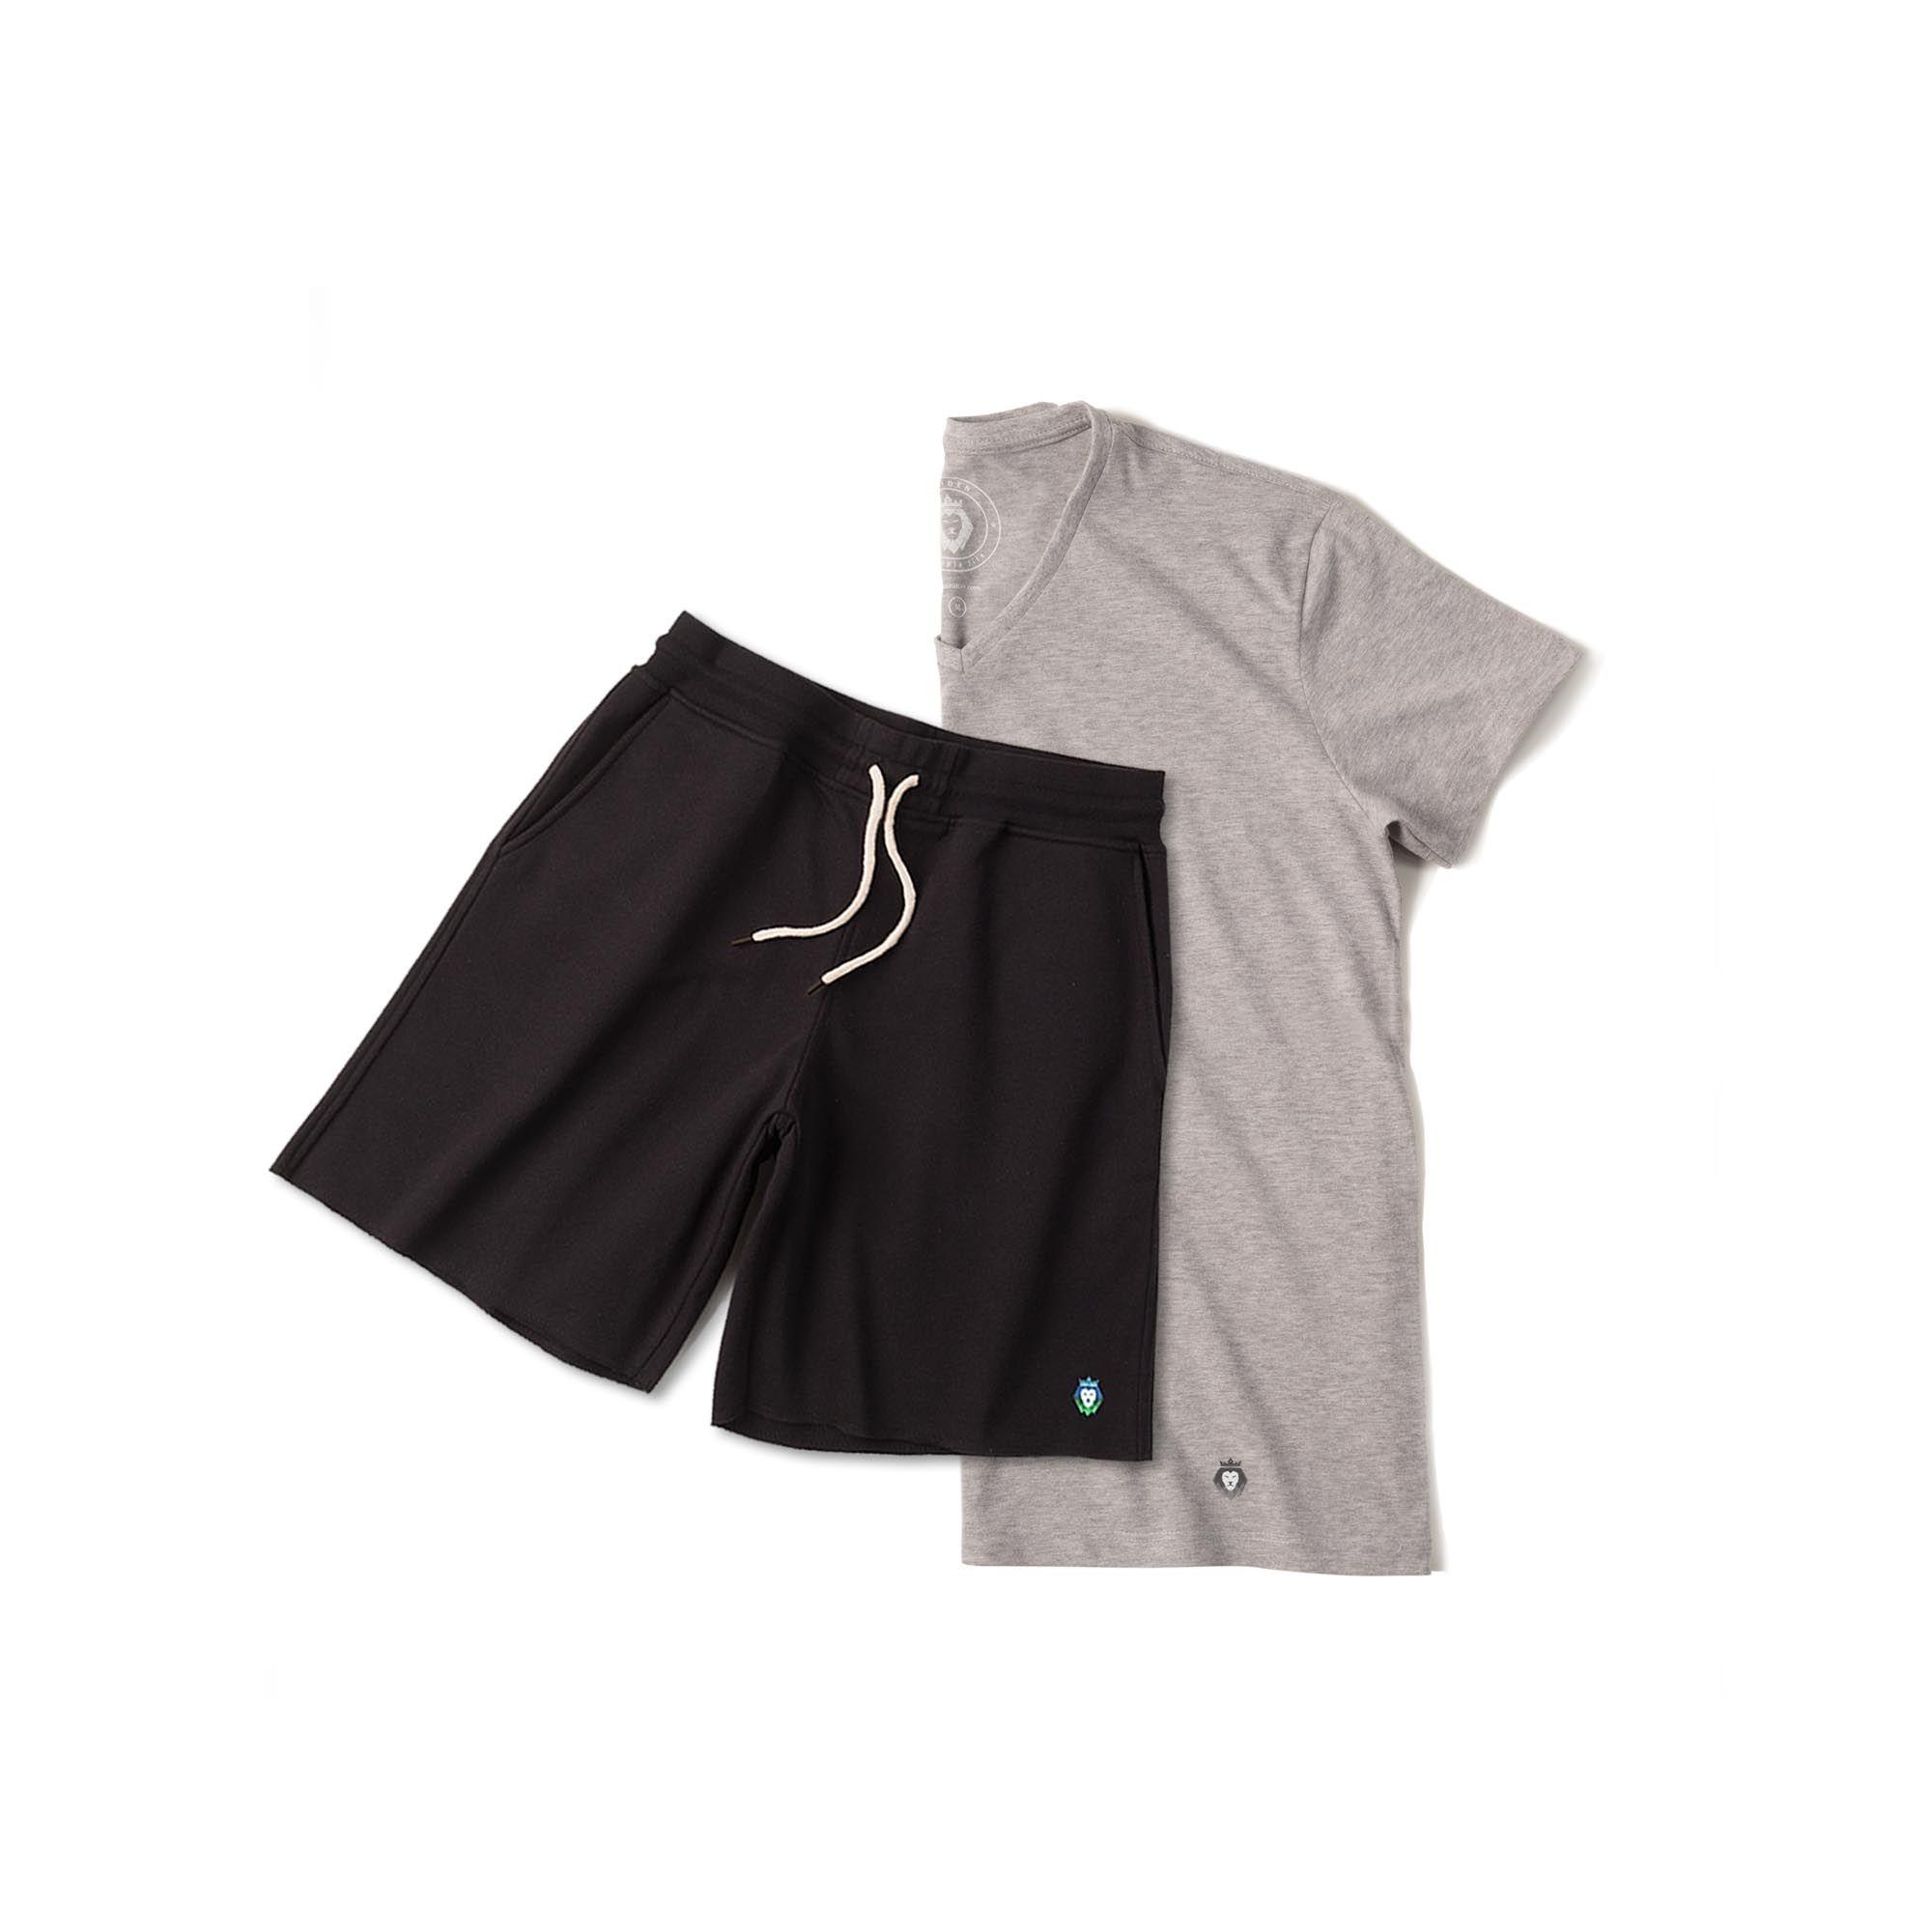 Kit 1 Bermuda Basic Preta + 1 T- Shirt Basic Mescla Zaiden Masculina